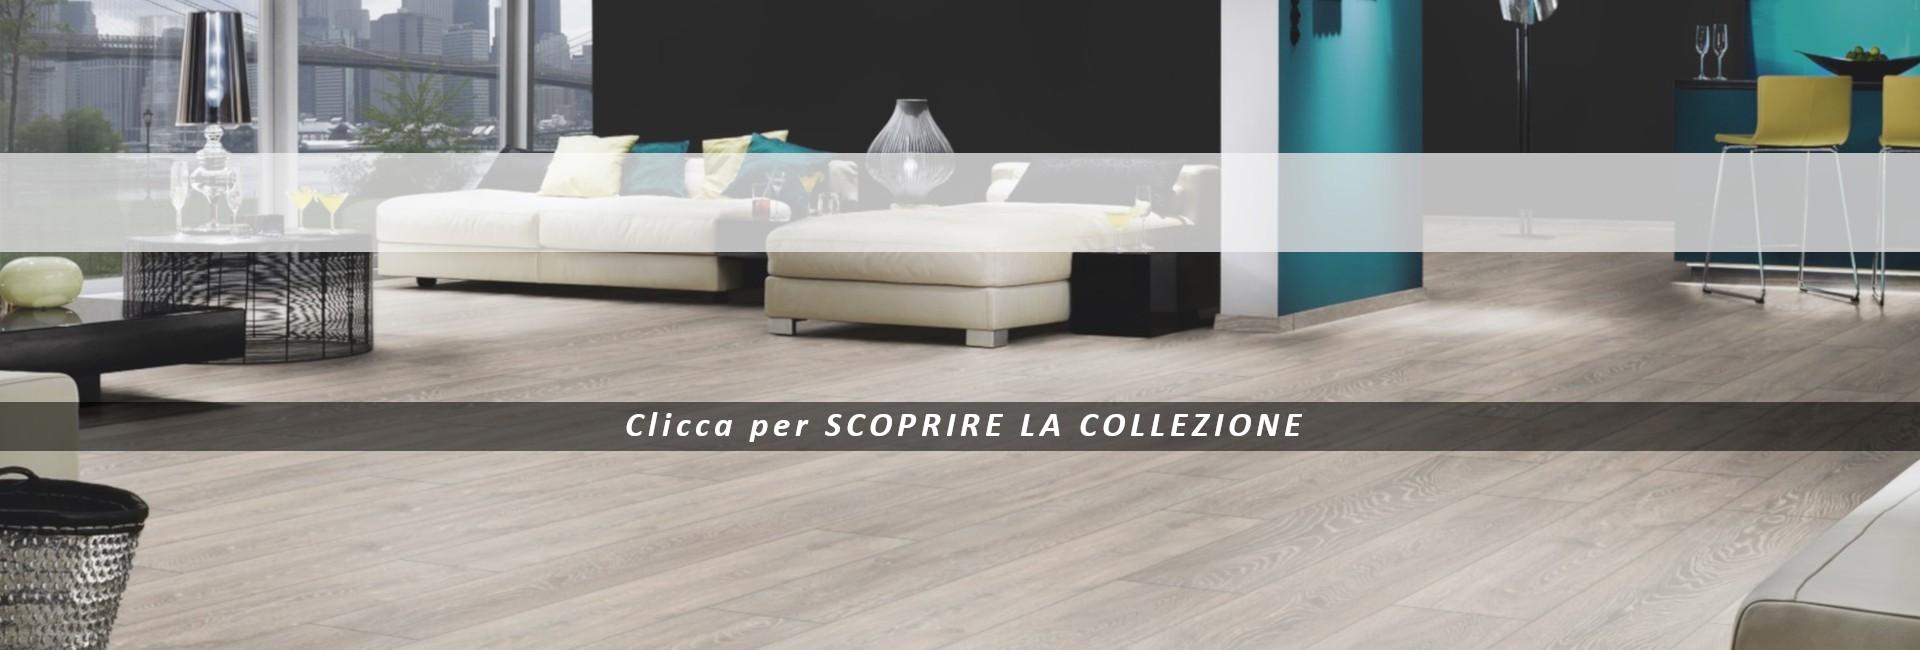 Pavimento Pvc Click Opinioni interni2000 - pavimento laminato, pavimenti in pvc e